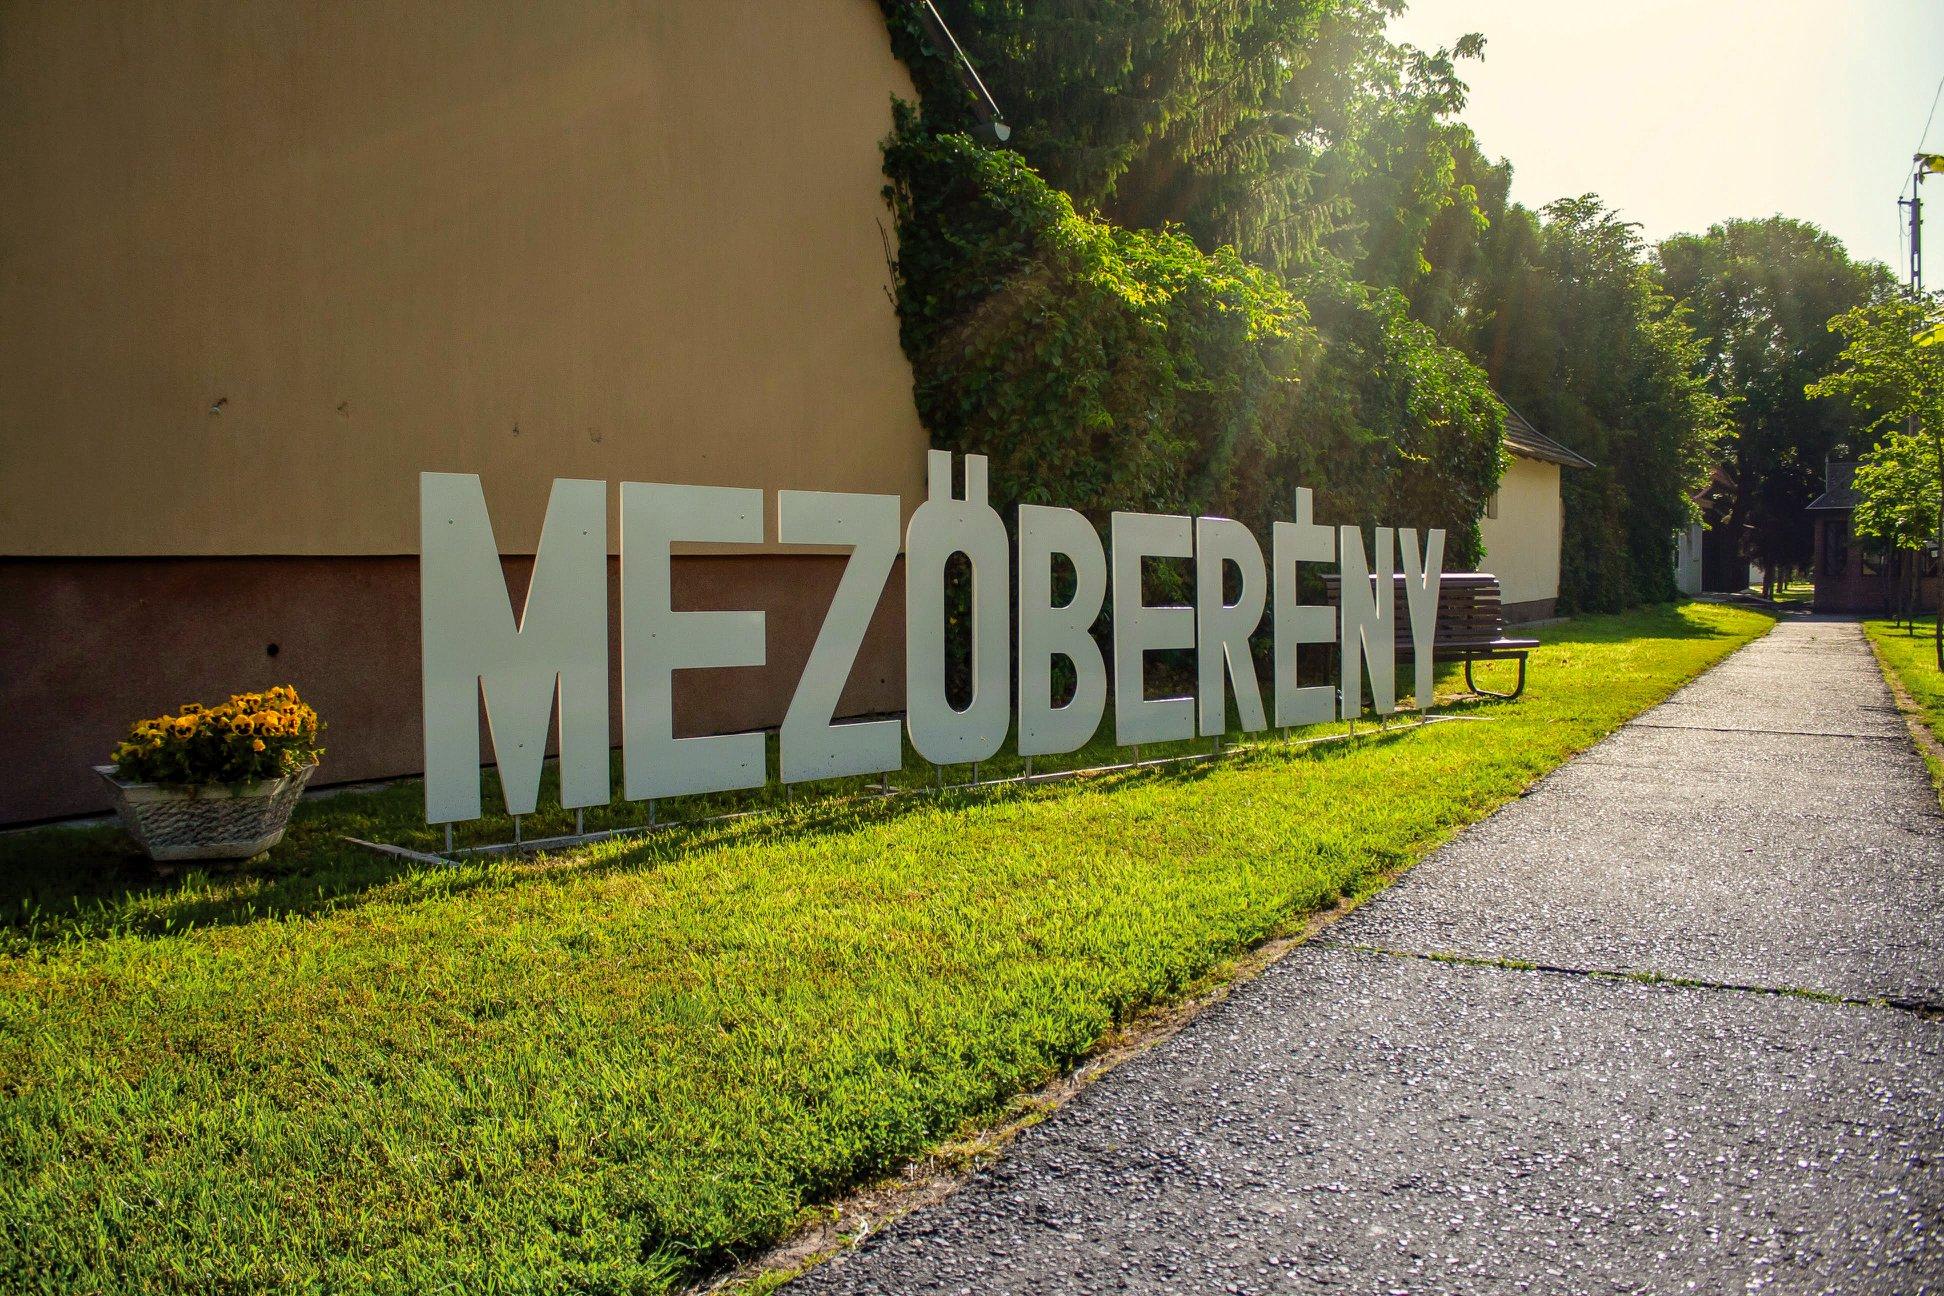 mezobereny